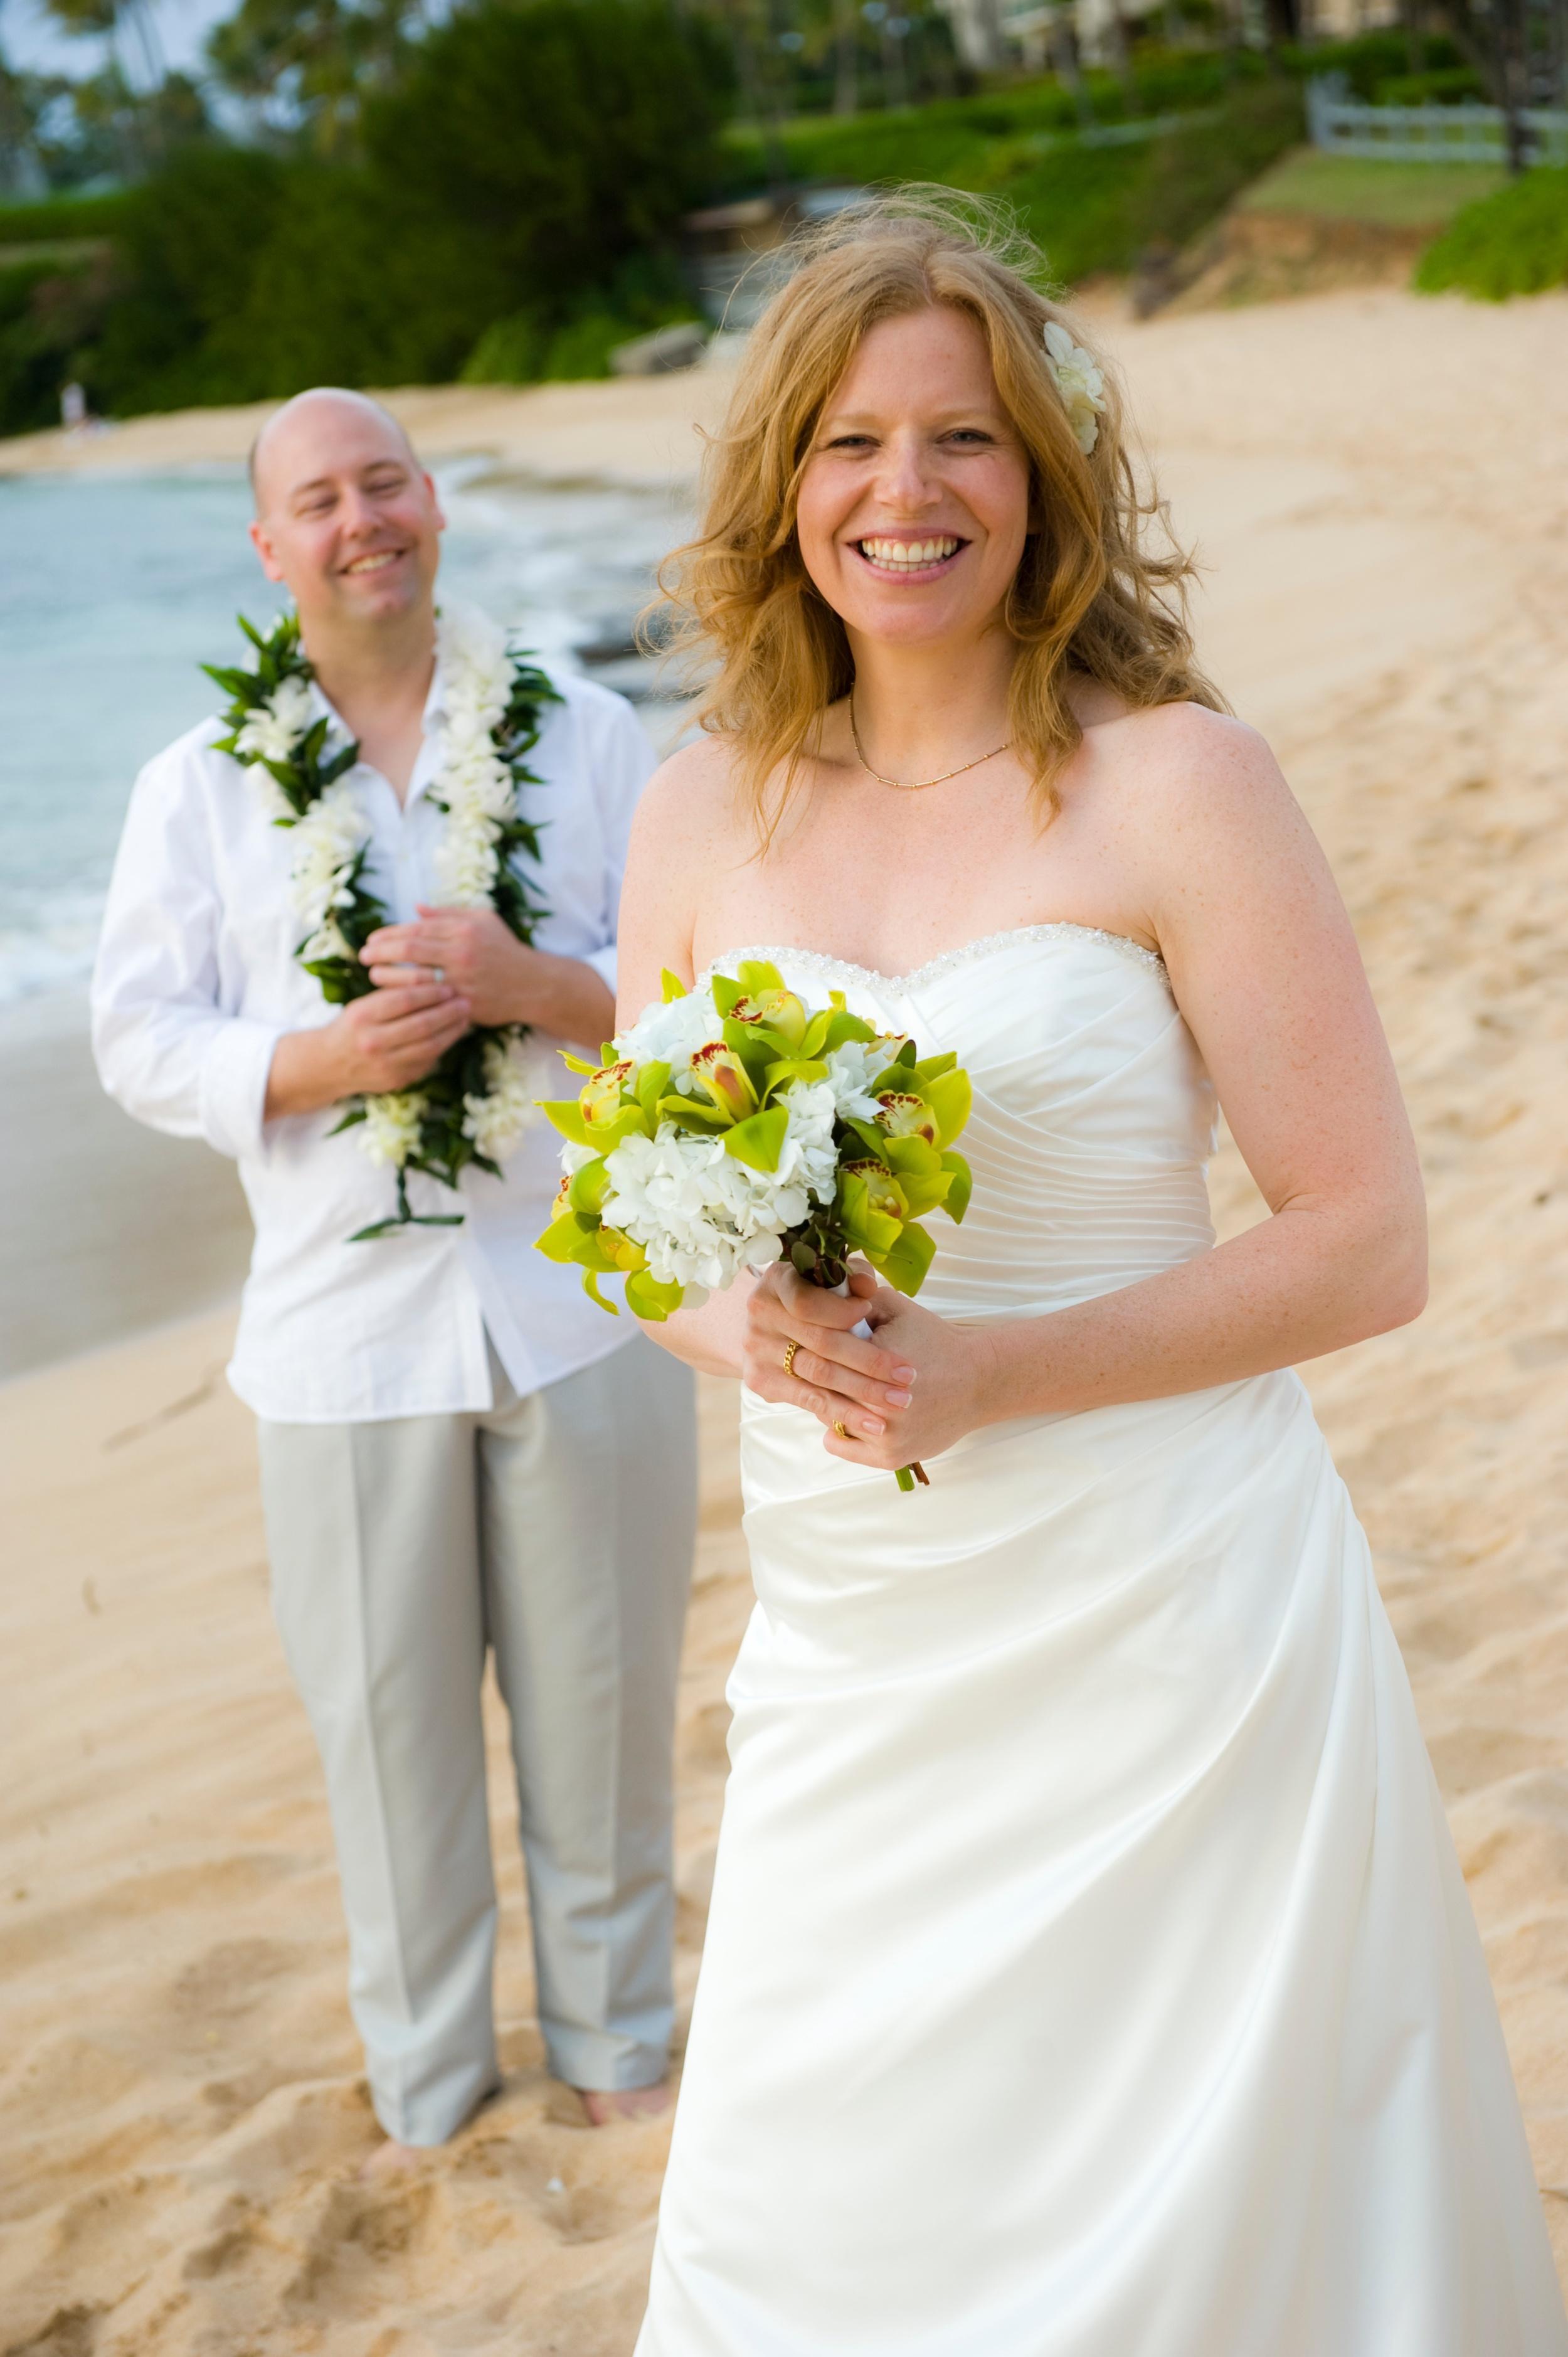 Wedding++31714-1852465630-O.jpg